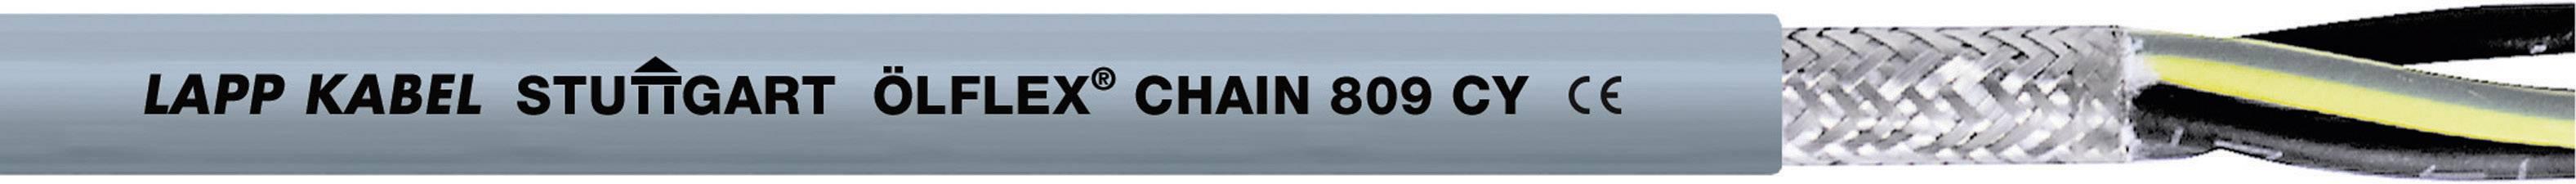 Žíla kabelu LappKabel ÖLFLEX CHAIN 809 CY 5G0,5 (1026754), 5x 0,5 mm², PVC, Ø 7,1 mm, stíněný, 100 m, šedá